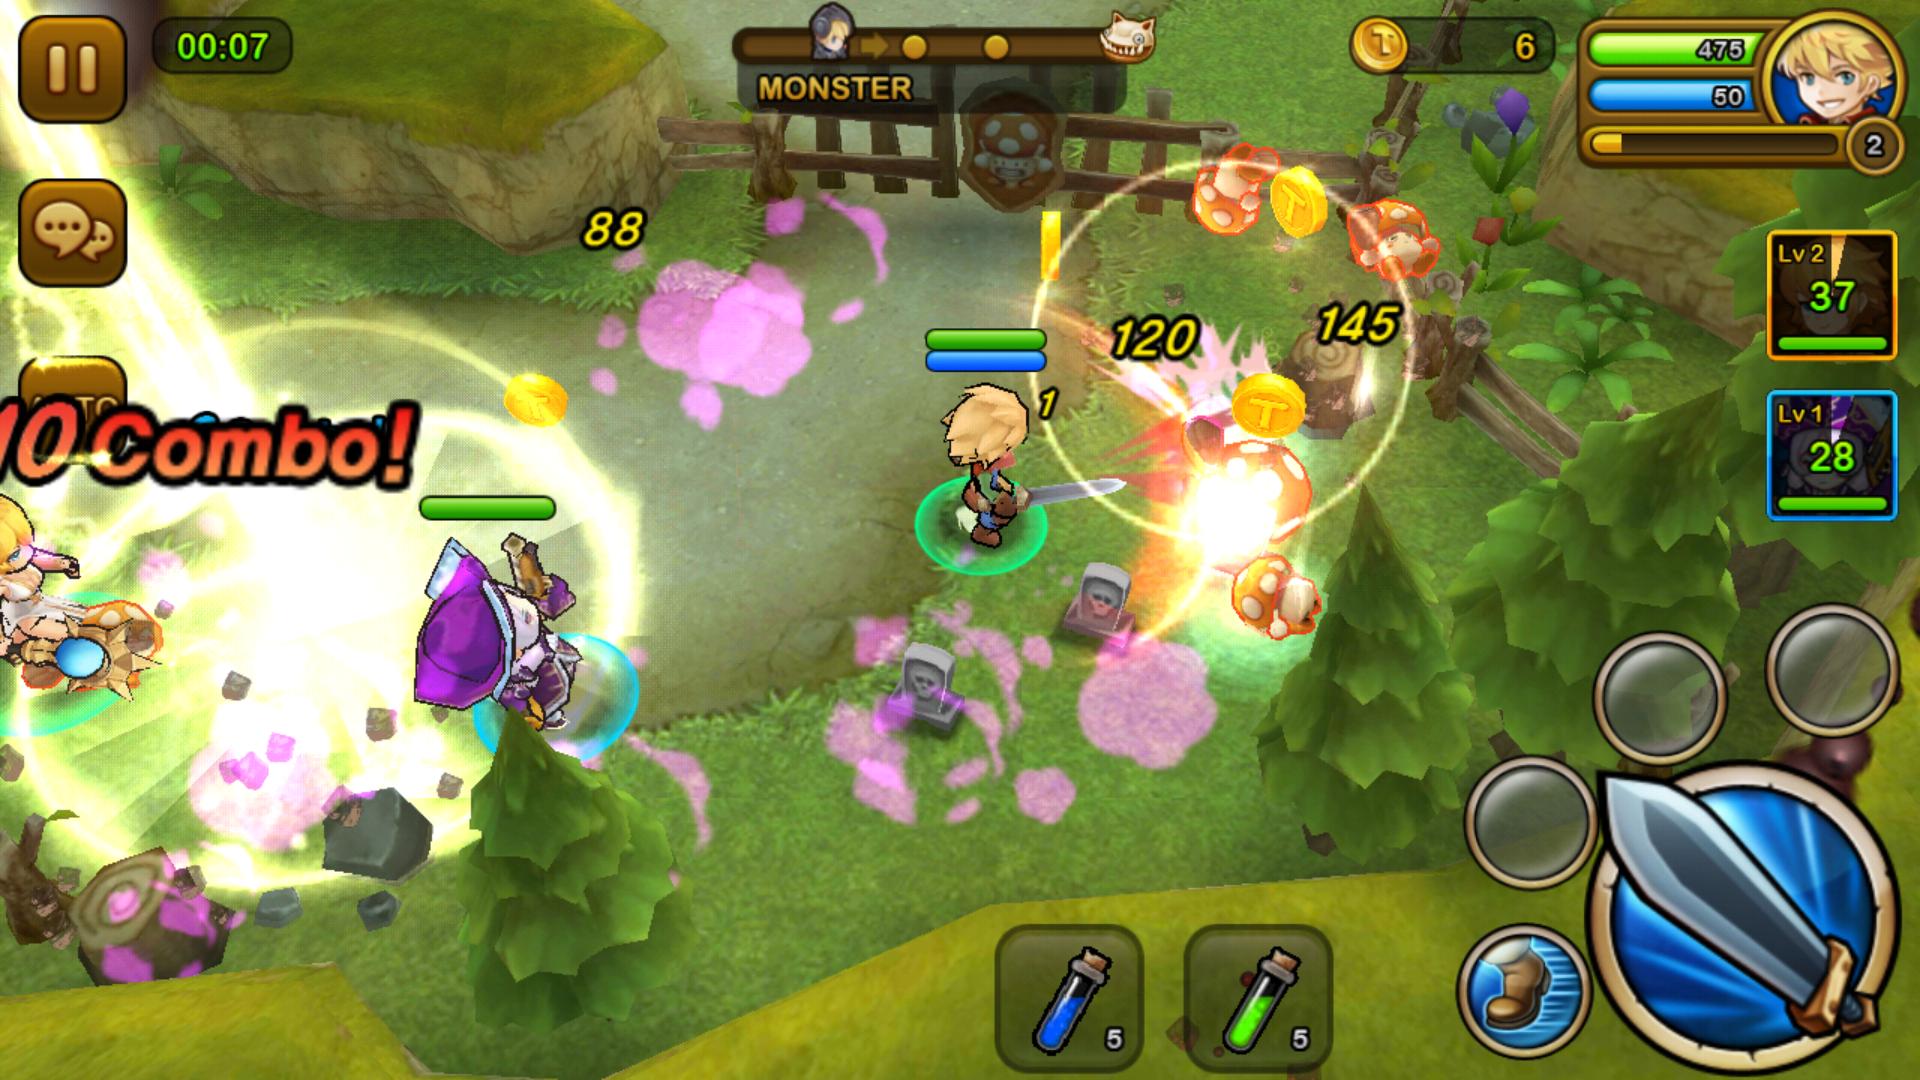 ガーディアンハンター(Guardian Hunter) androidアプリスクリーンショット1